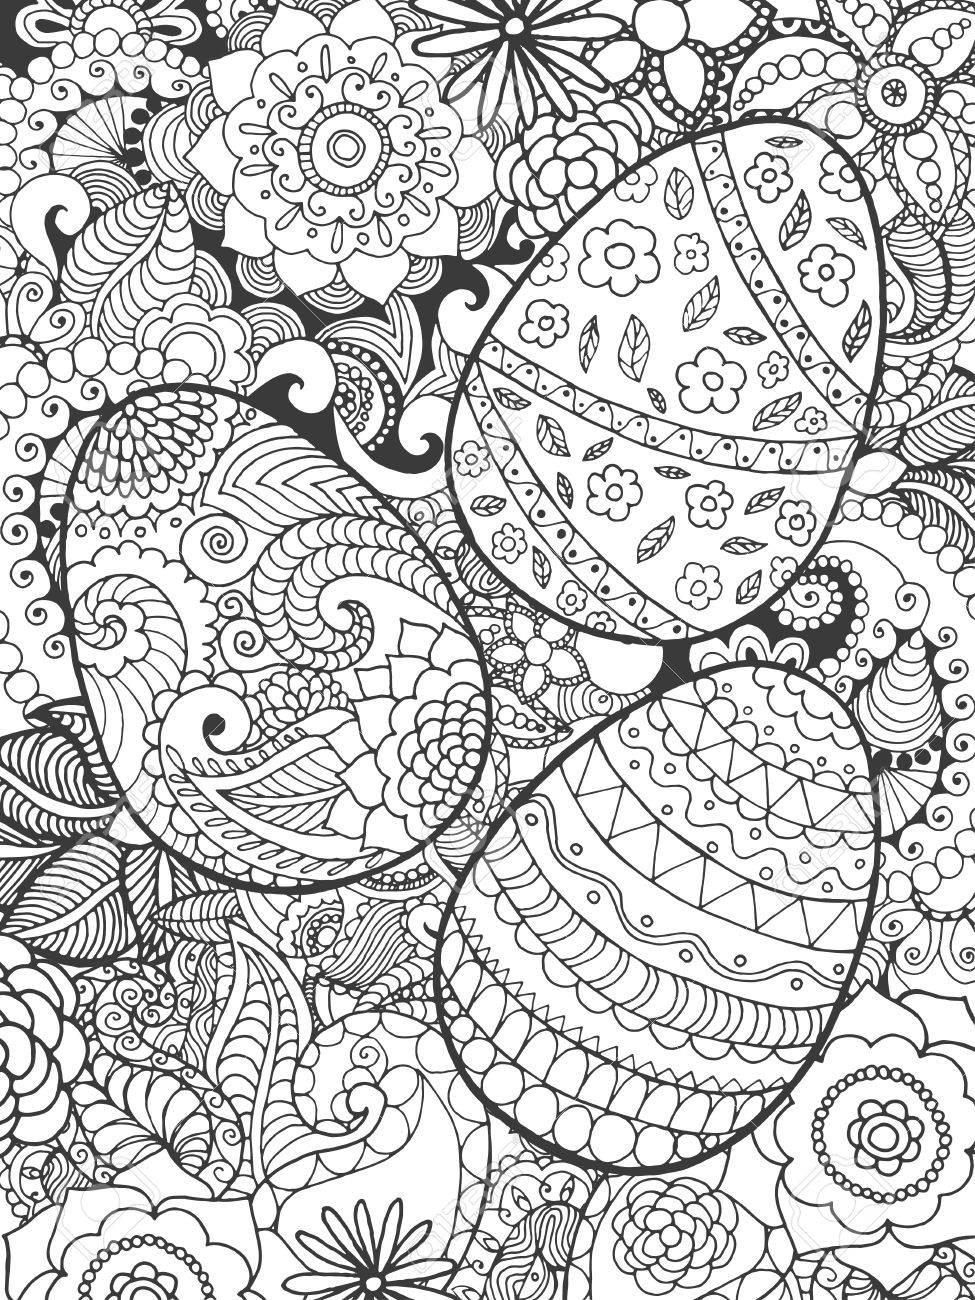 Dorable Páginas Detalladas Para Colorear Huevos De Pascua Ornamento ...